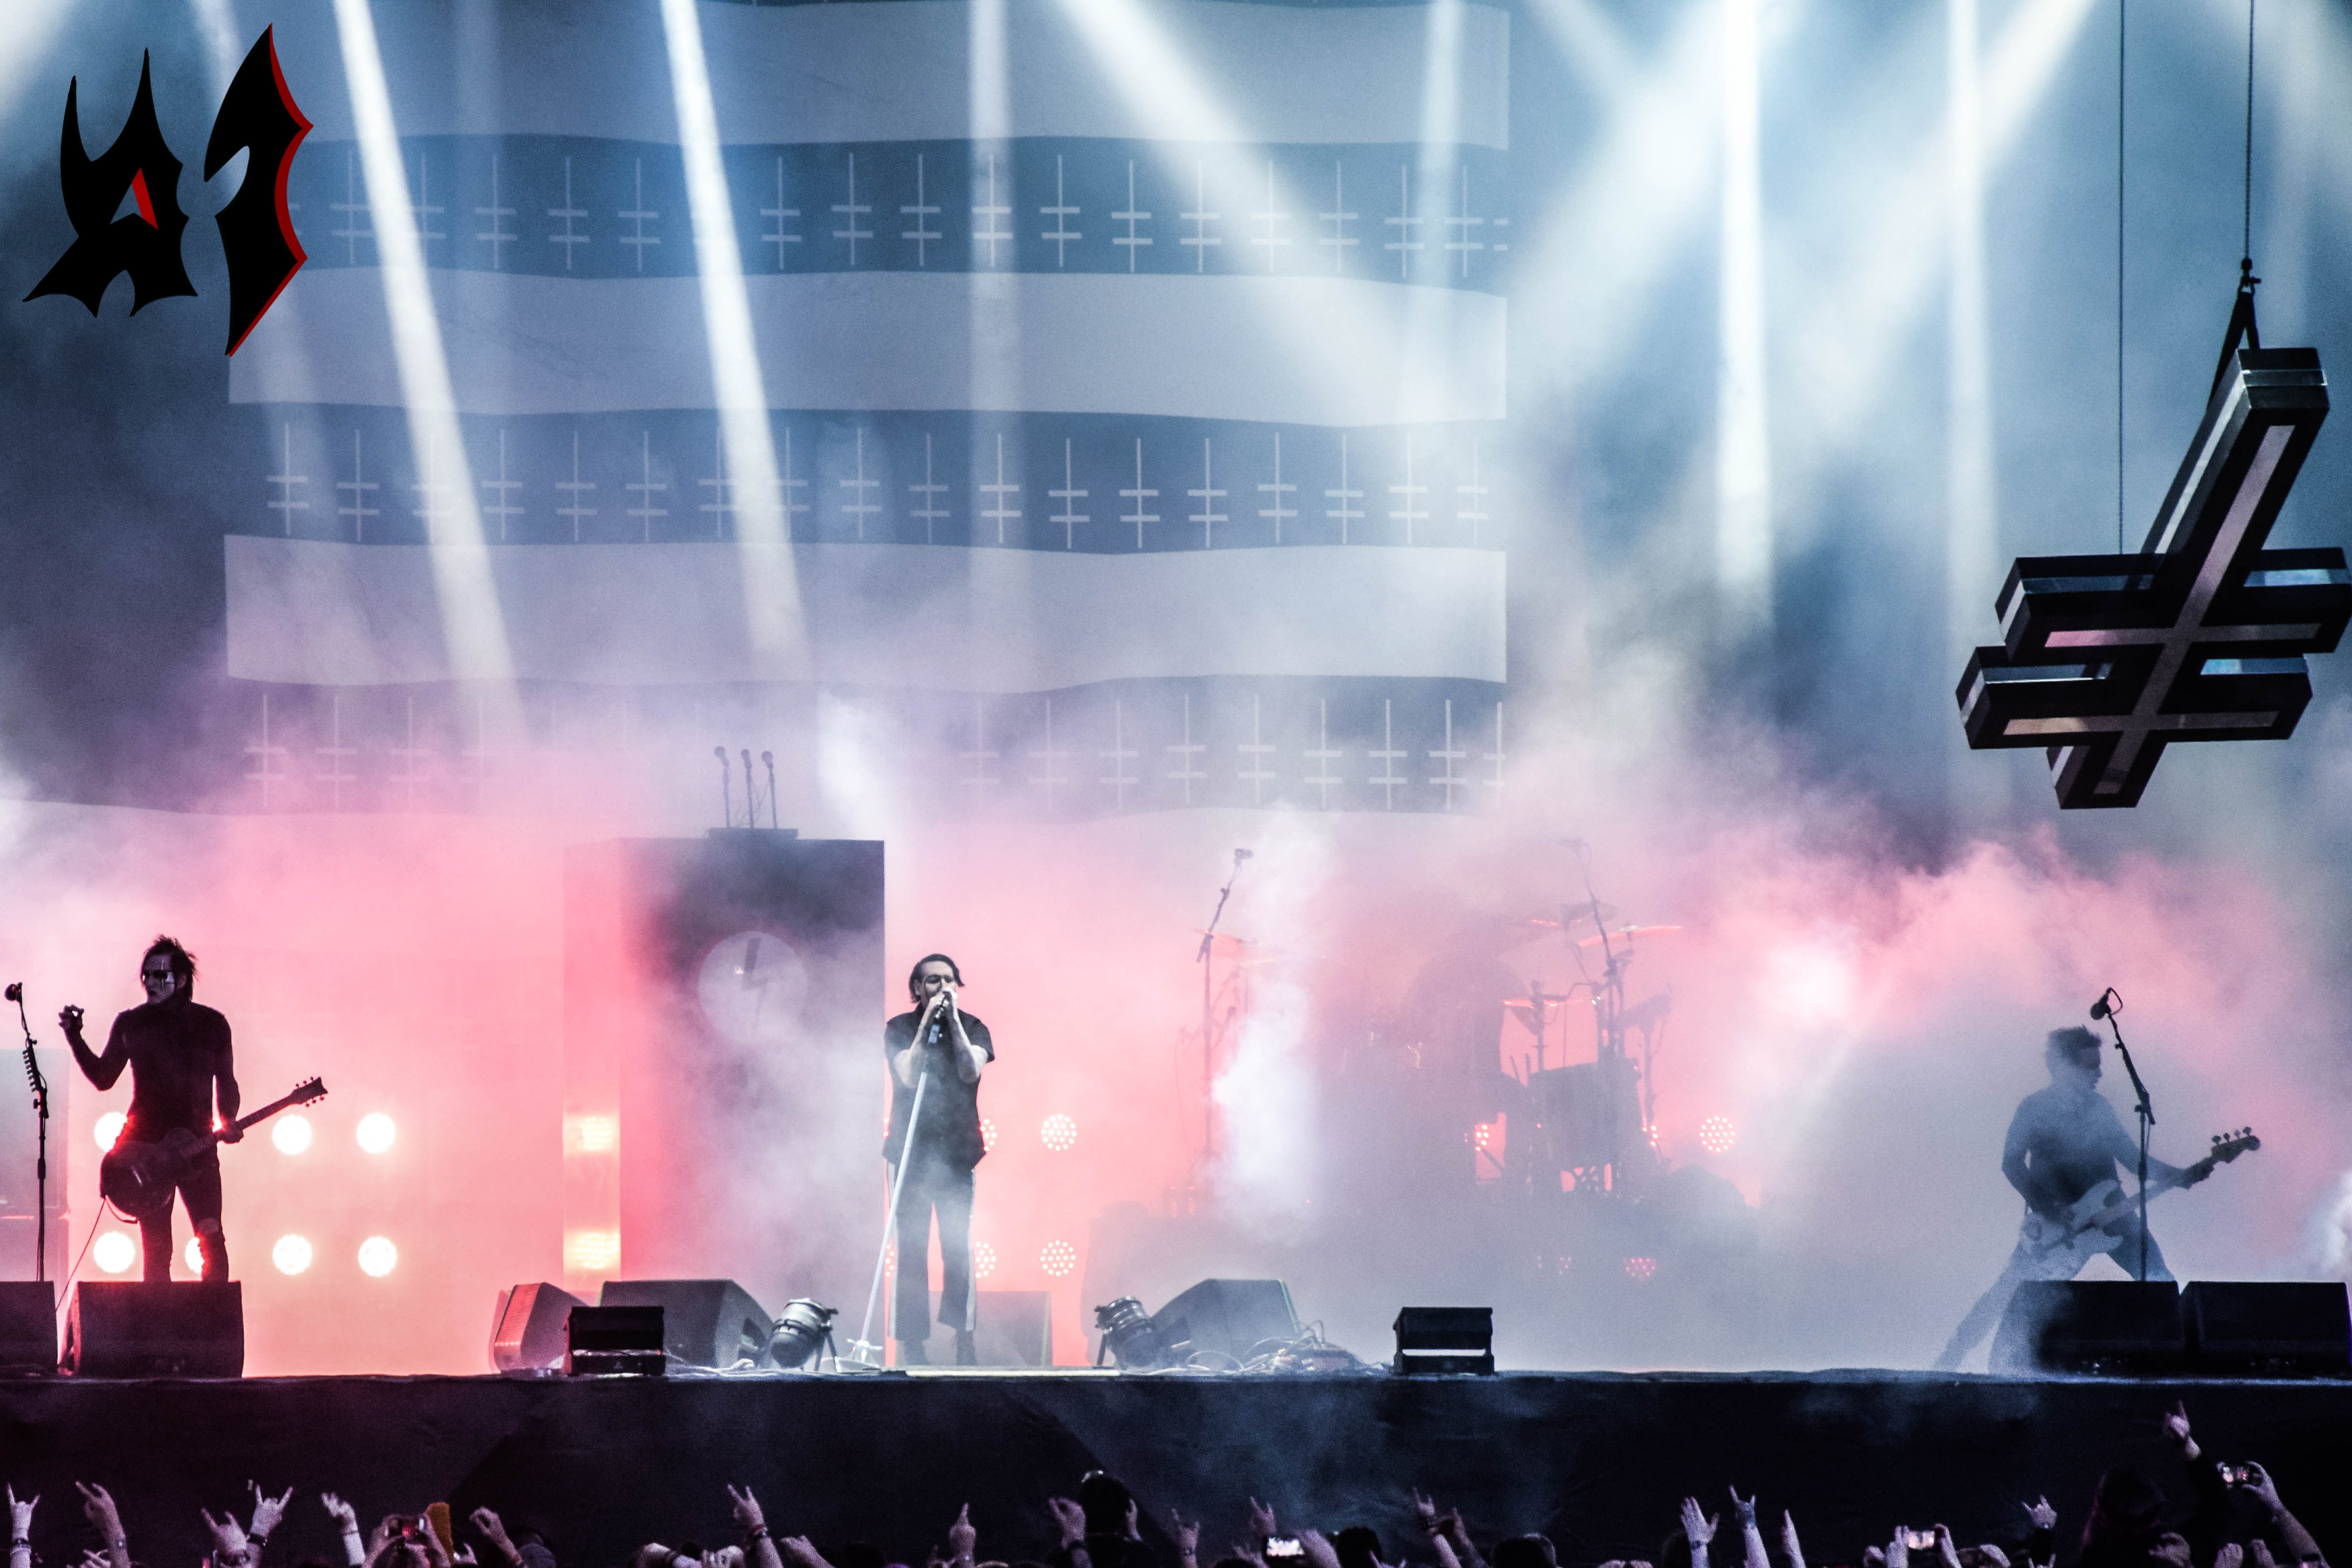 Donwload 2018 – Day 2 - Marilyn Manson 3